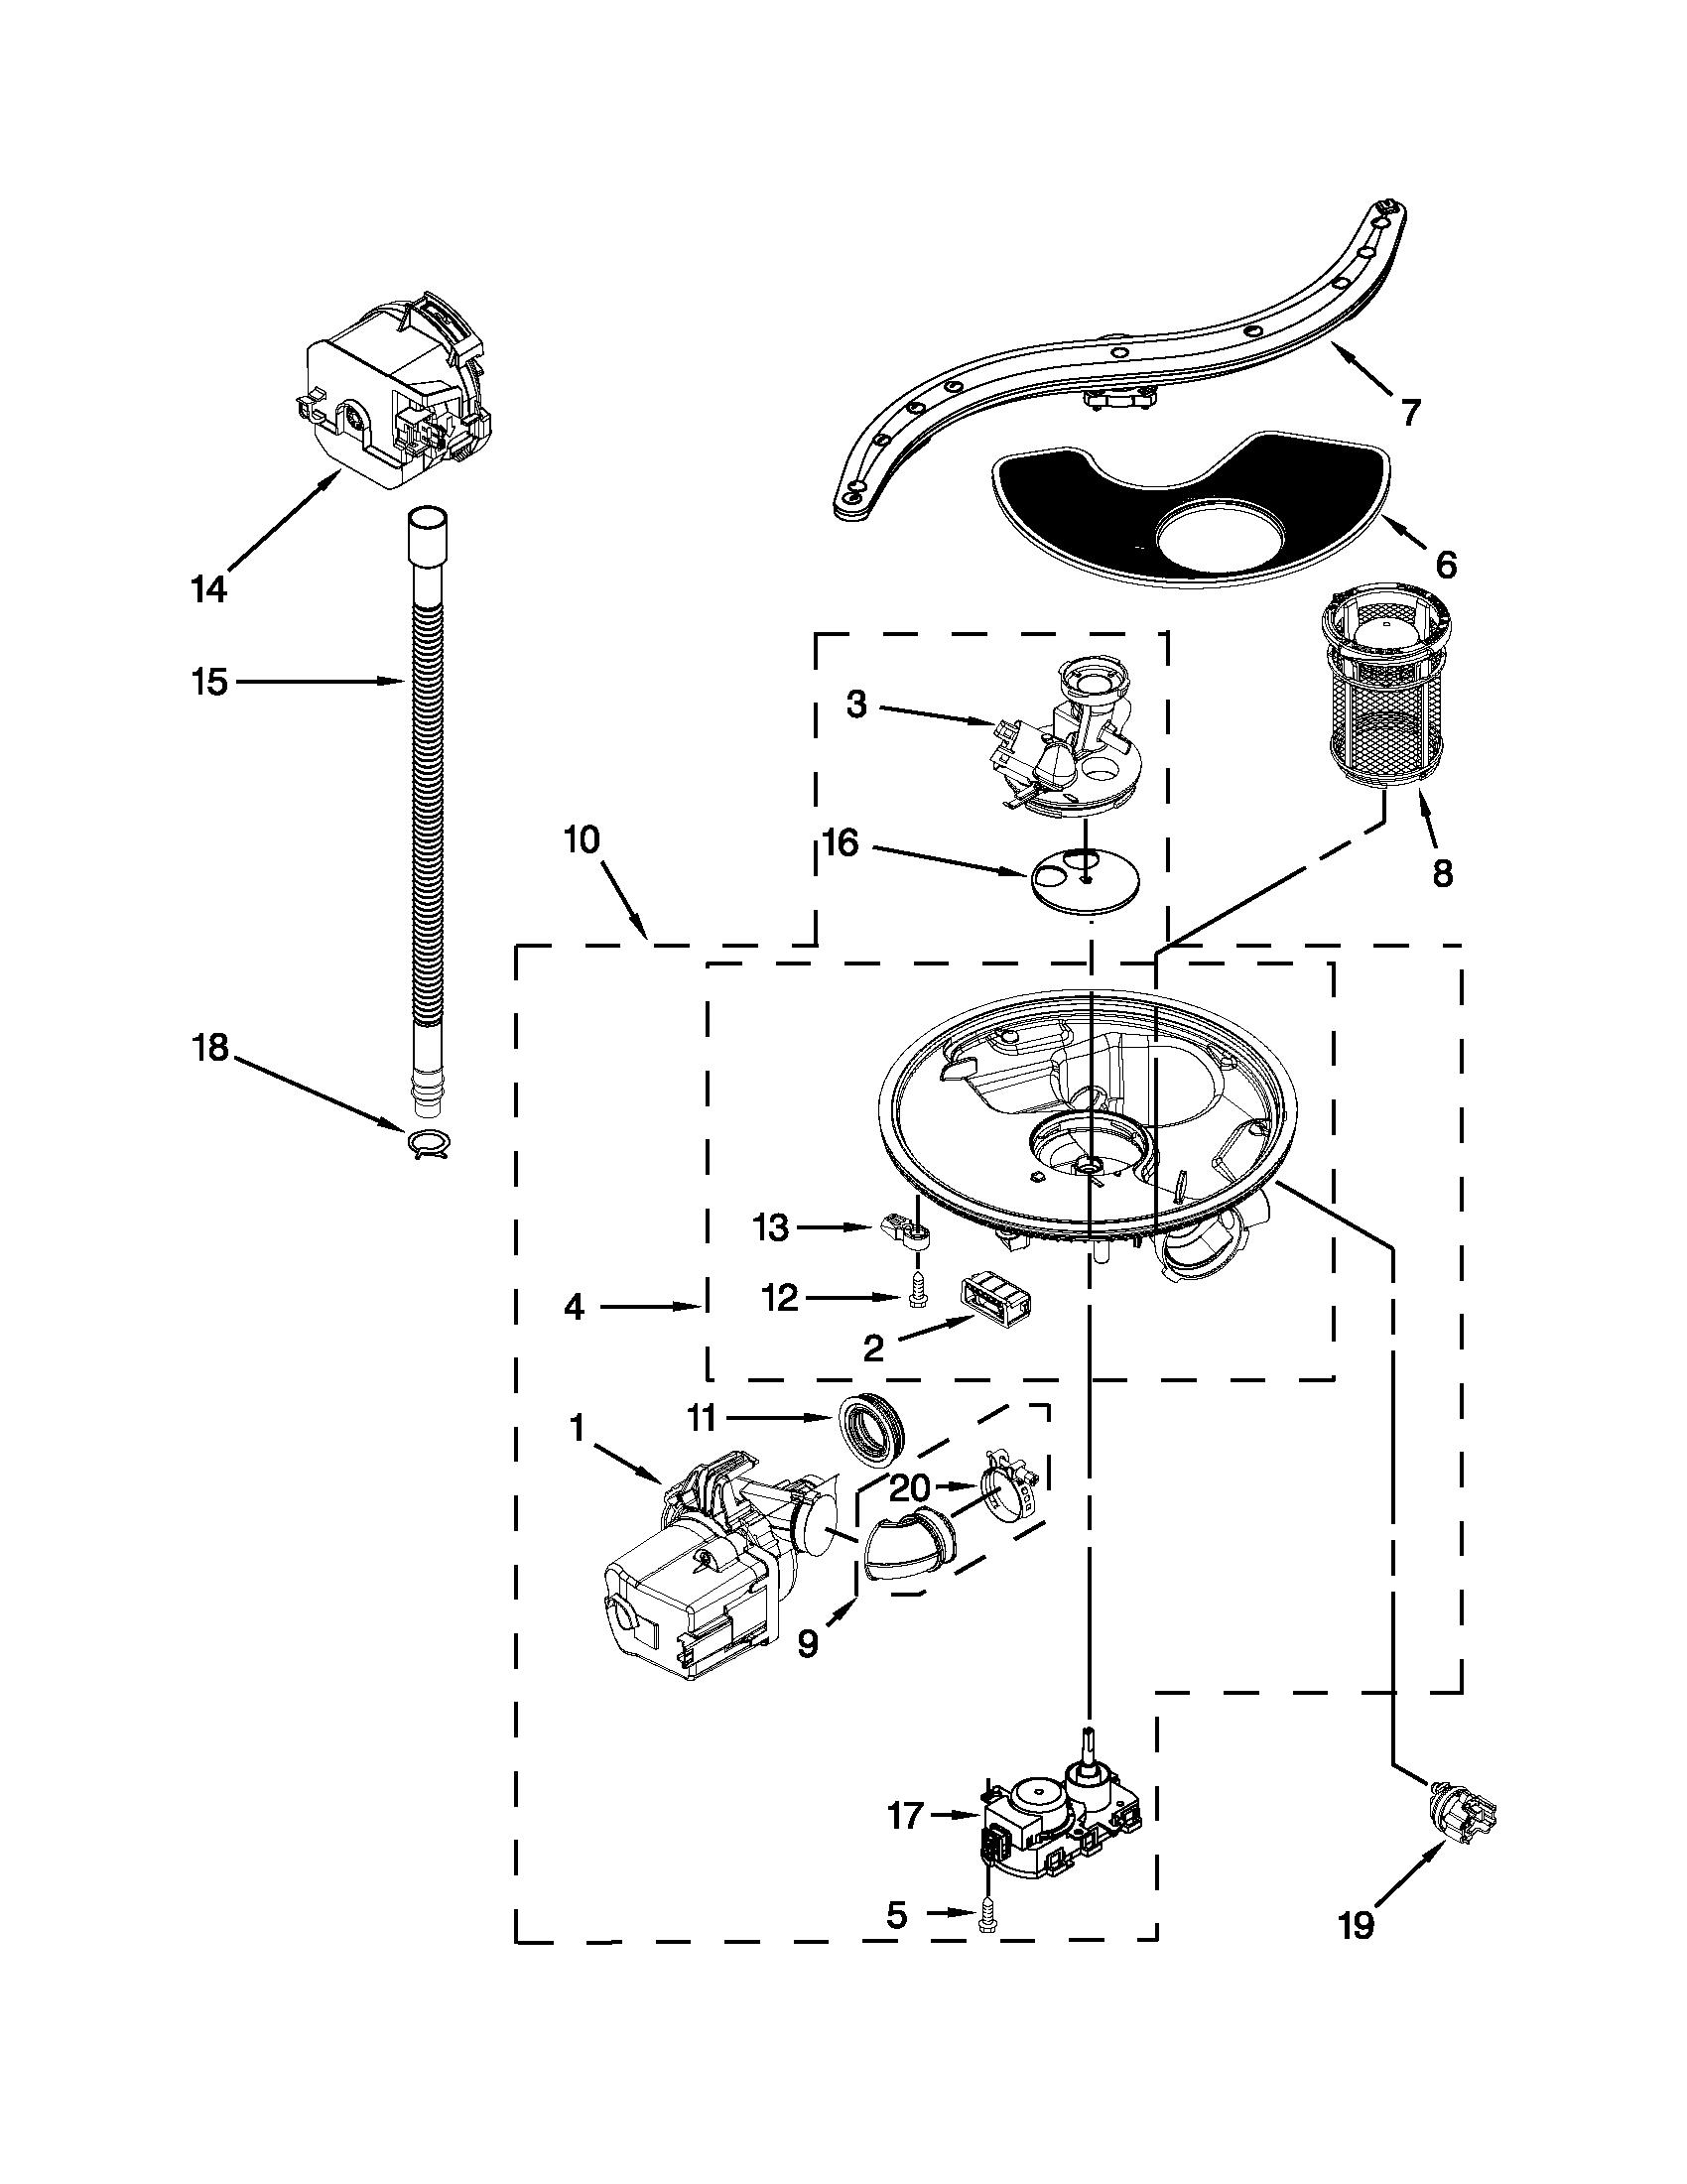 Kitchenaid model KUDE20FBSS0 dishwasher genuine parts